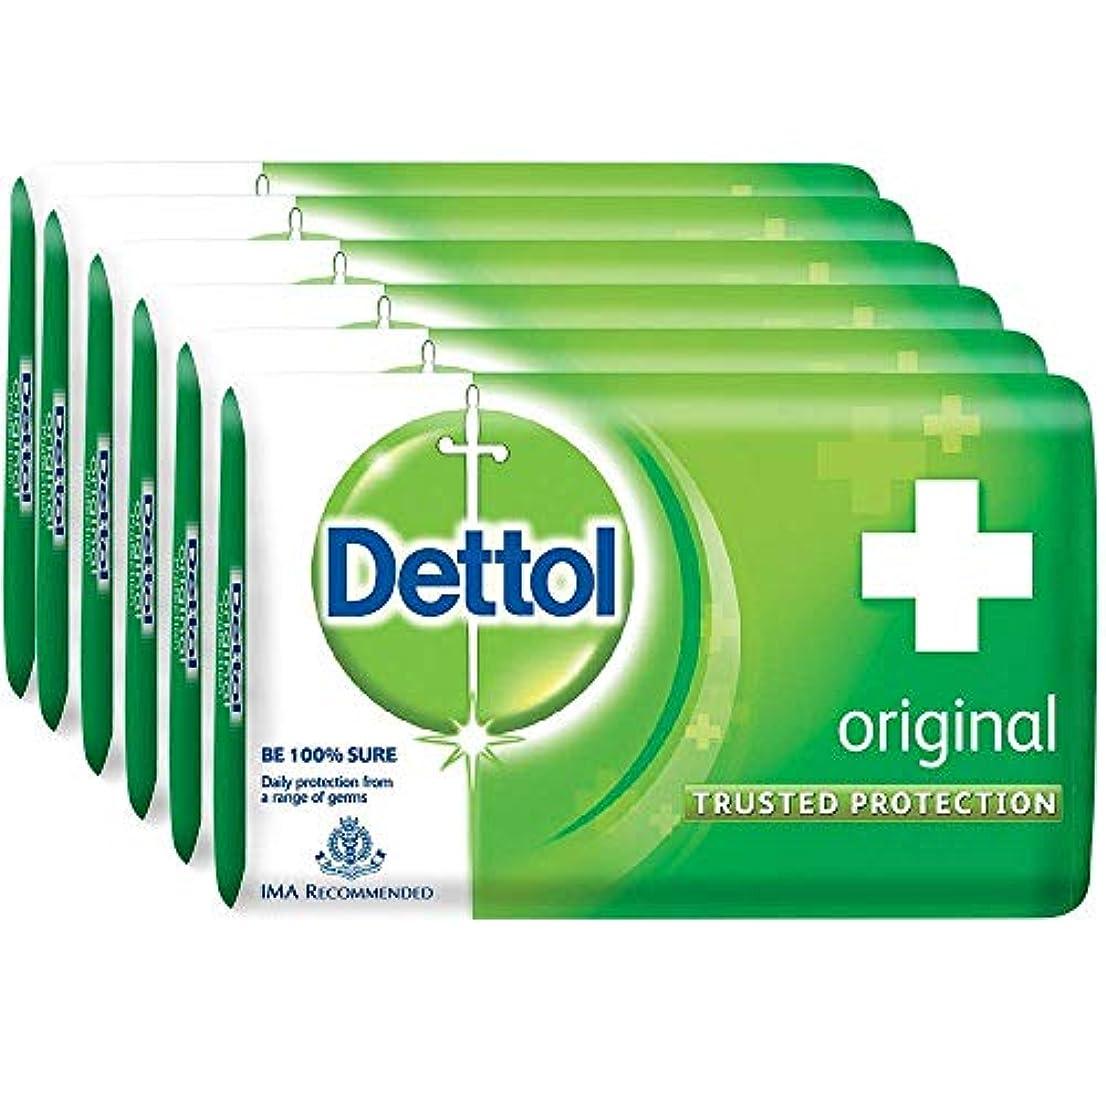 ハンサム重量逮捕Dettol Original Soap, 125g (Pack Of 6) SHIP FROM INDIA